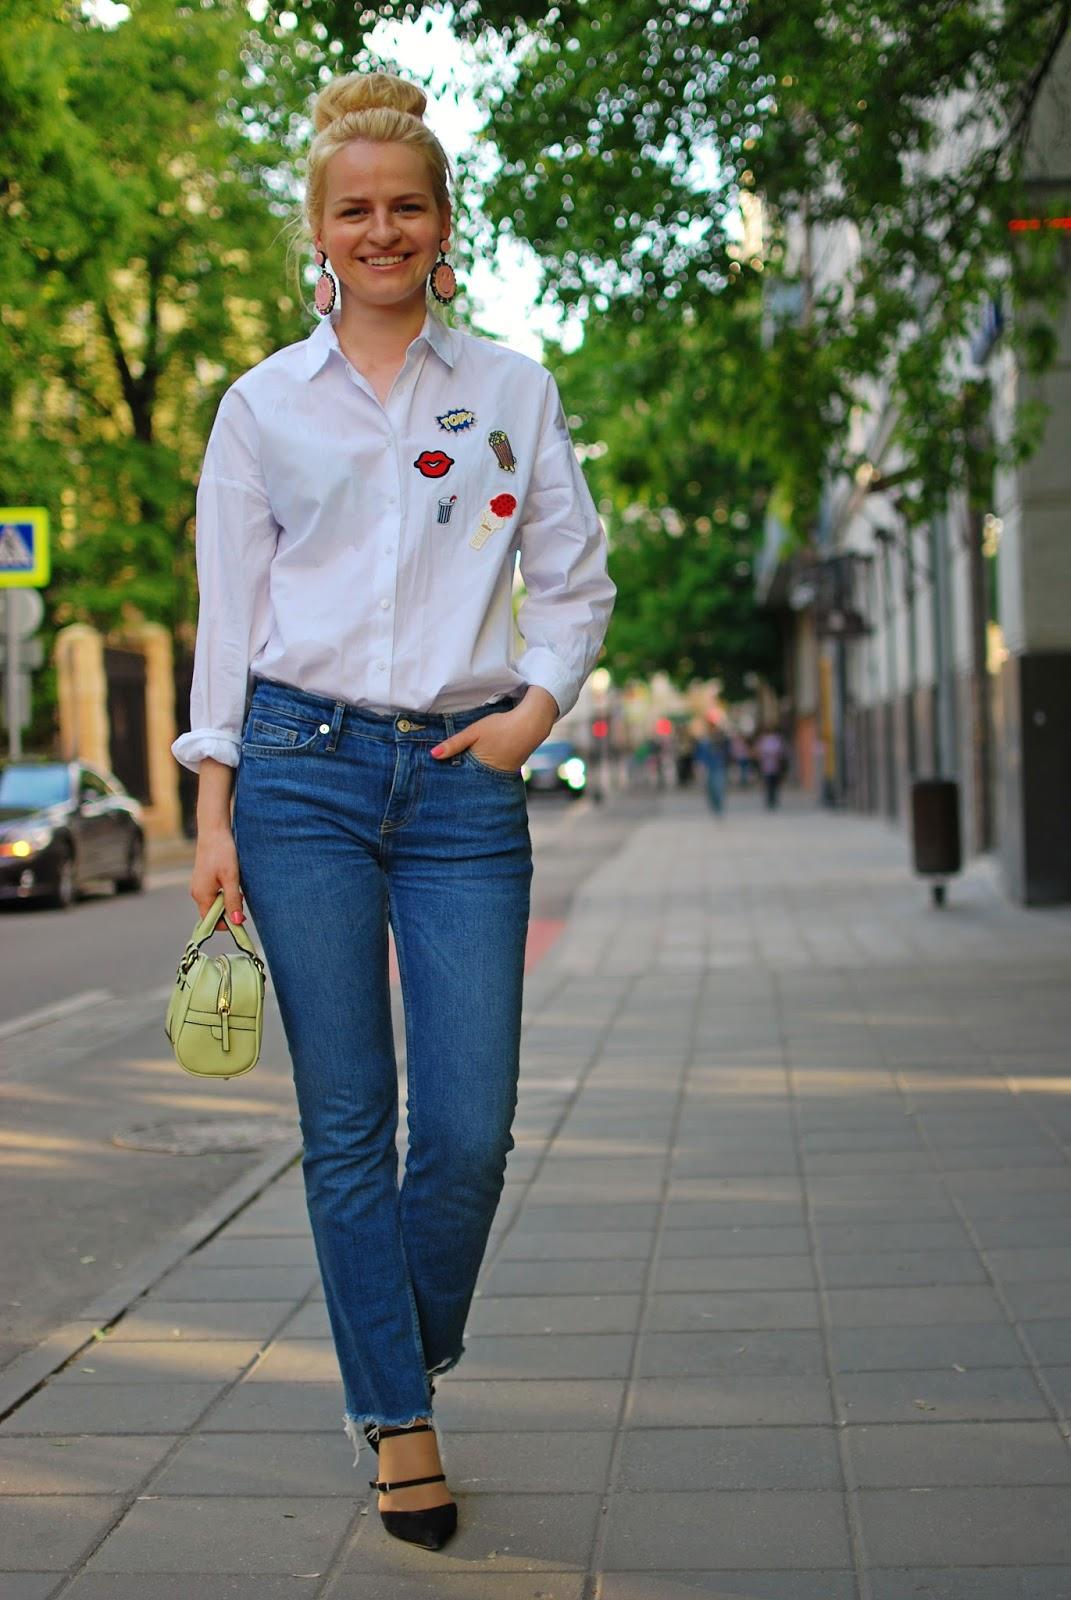 модные луки 2016 весна, с чем носить джинсы с рваным краем, блог коста де ла мода